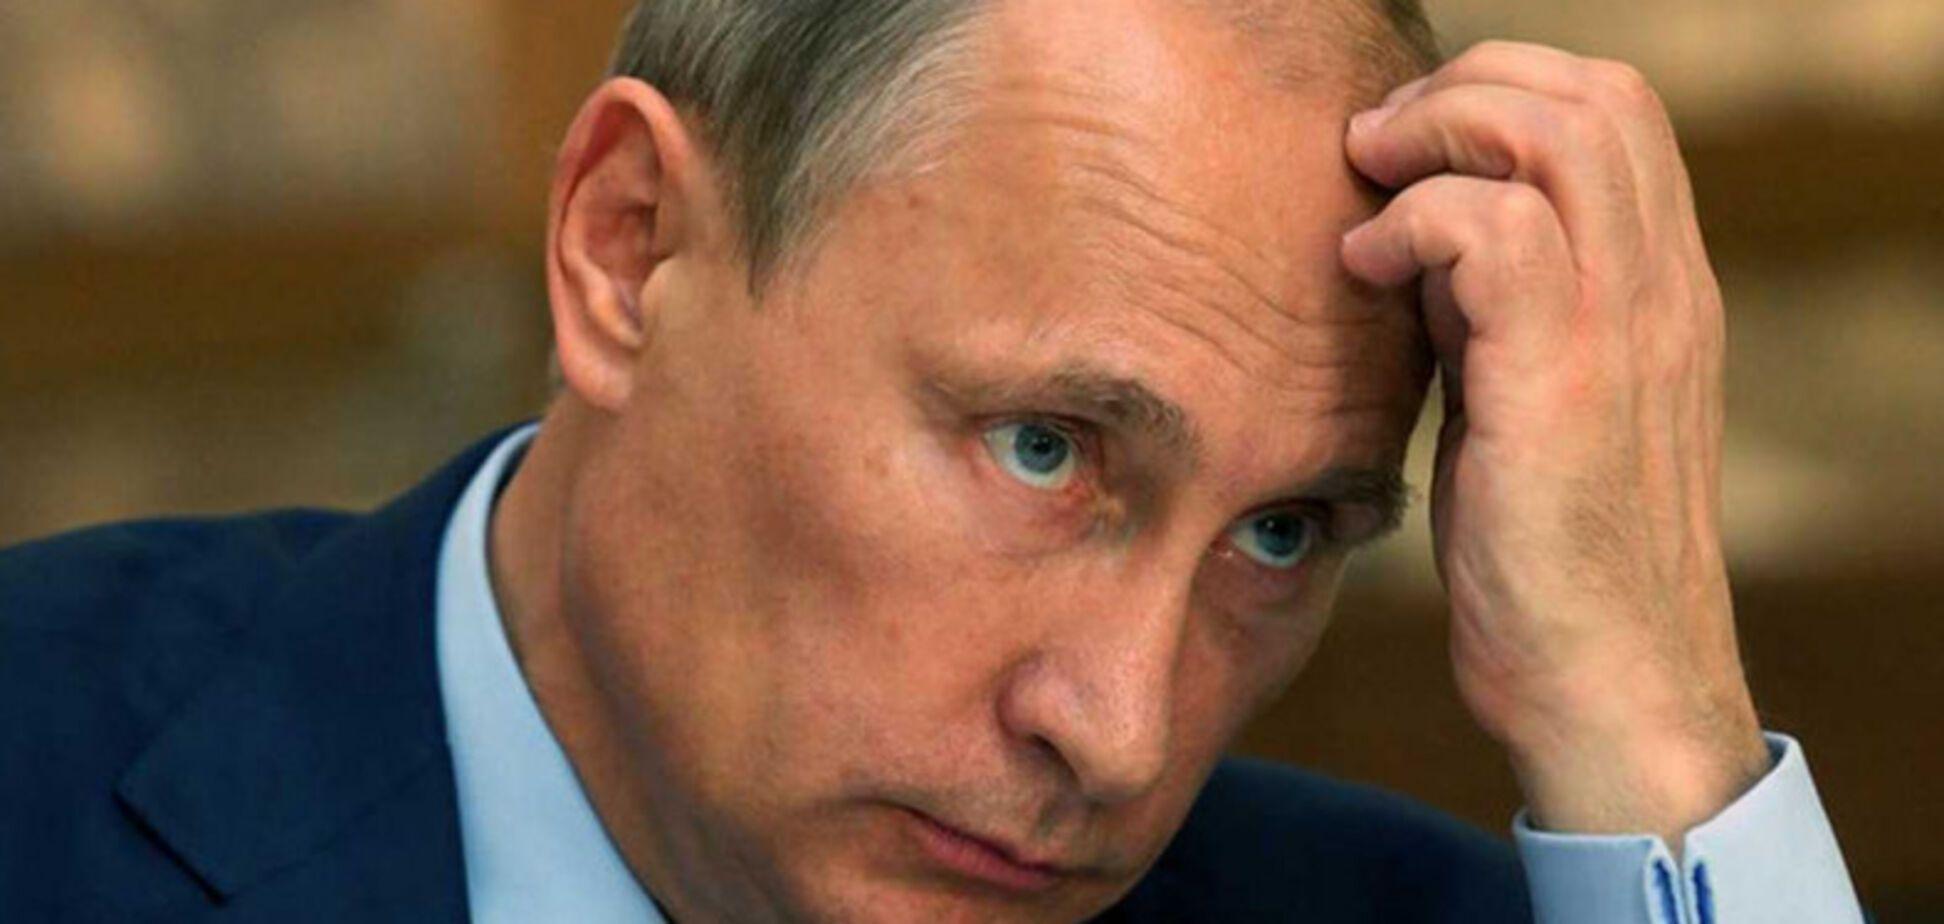 Готовий їхати в Гаагу: терорист 'ДНР' відверто виступив проти Путіна